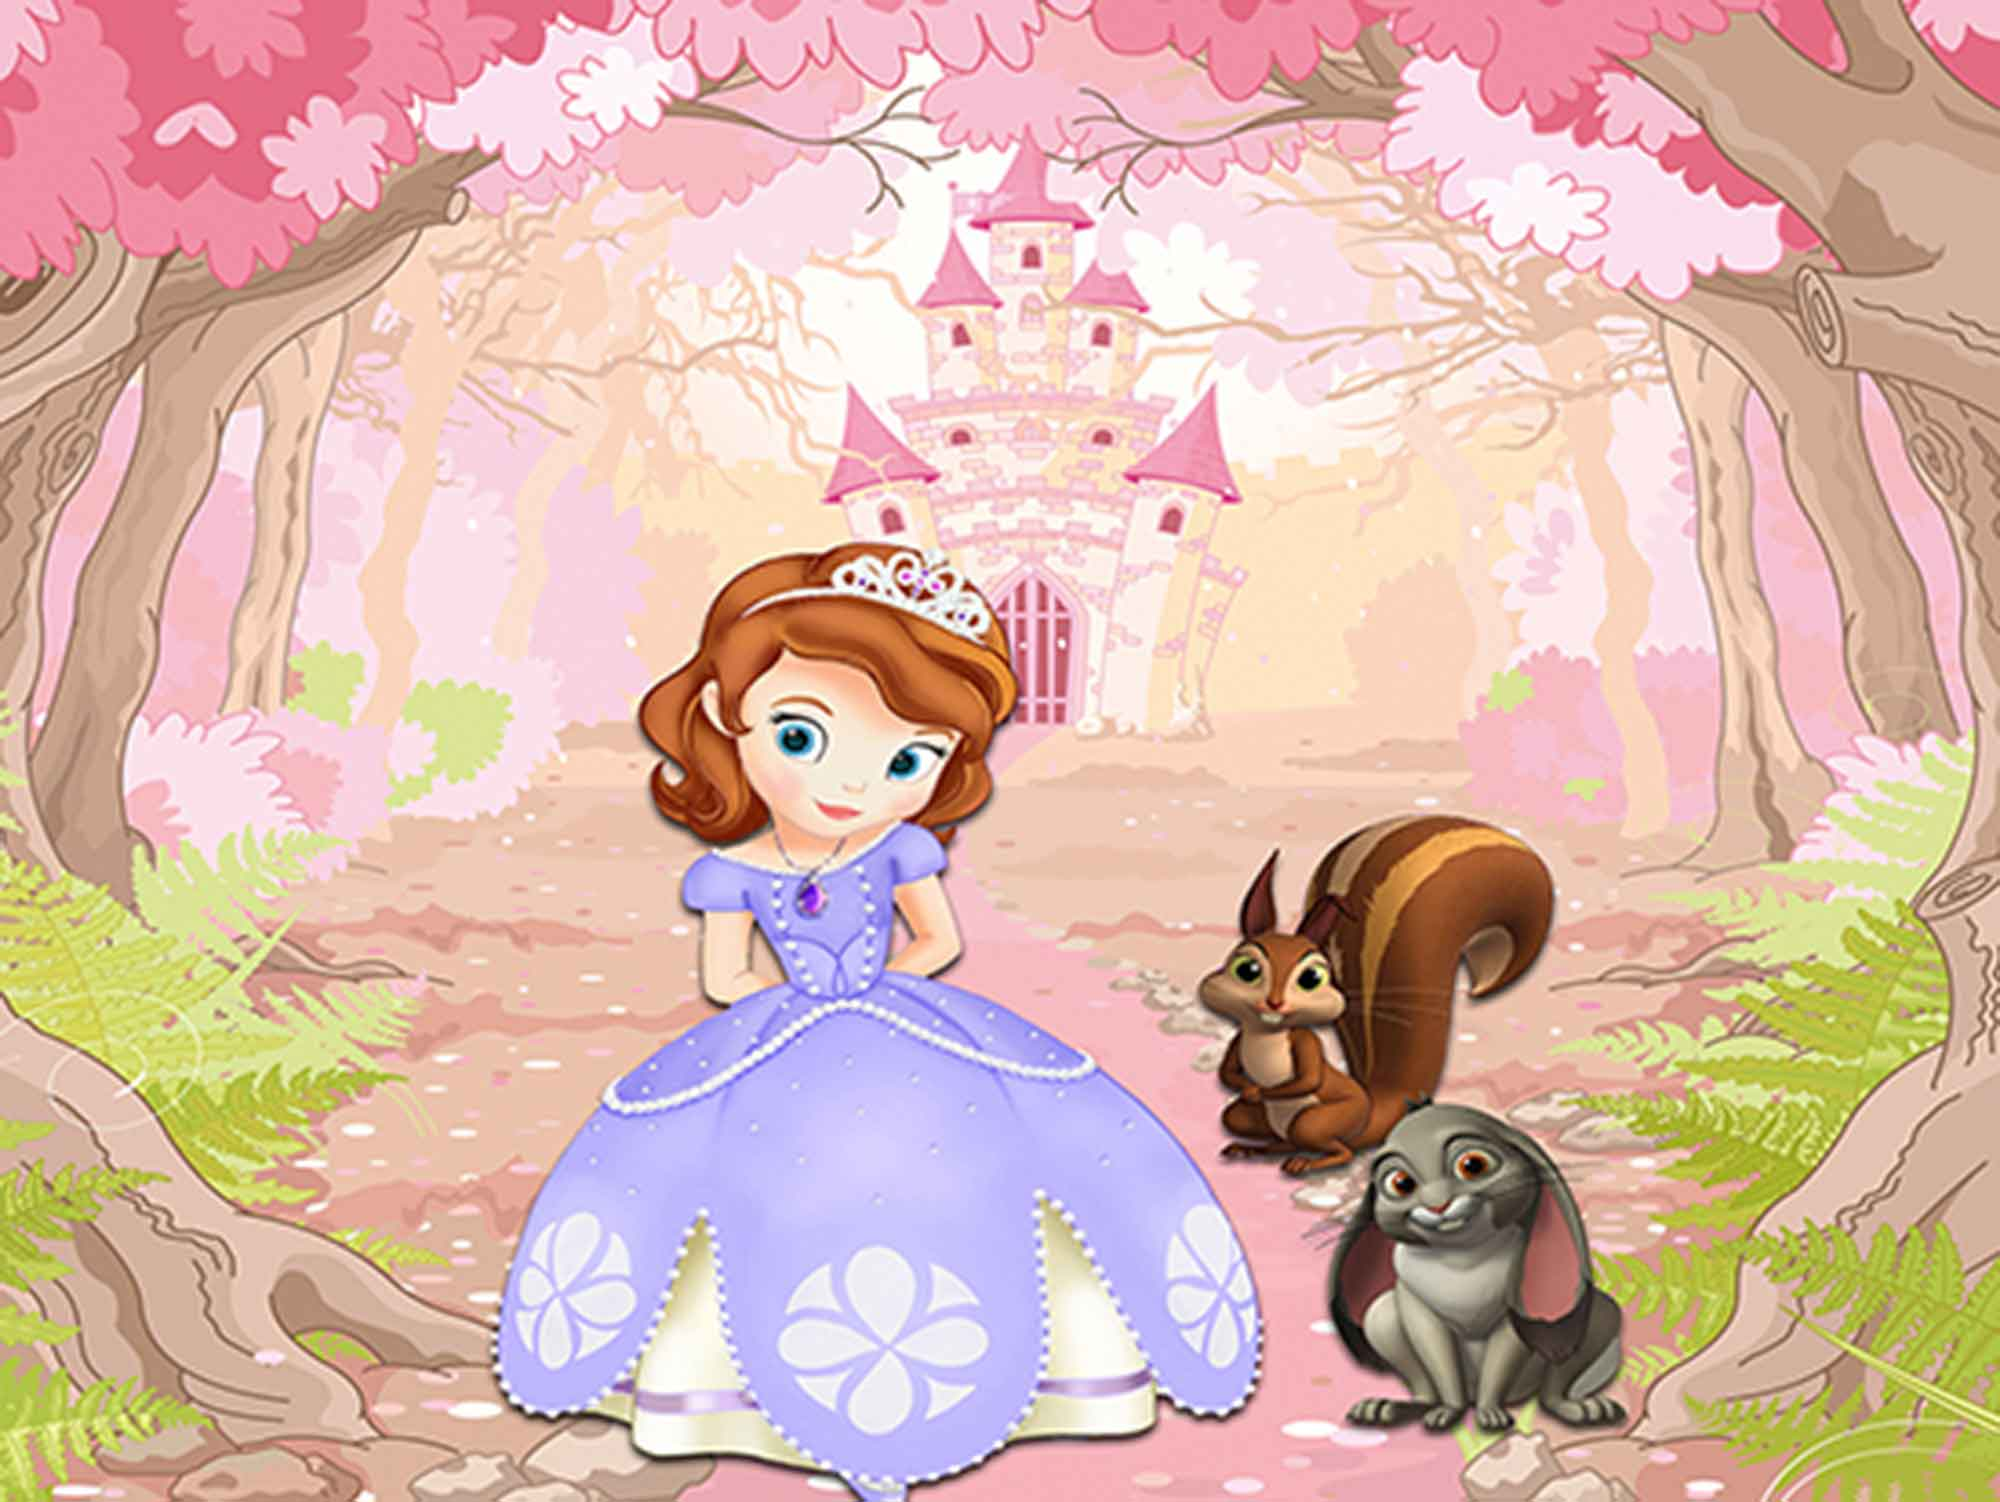 Papel de Parede Infantil Princesa Sofia  0001  - Paredes Decoradas